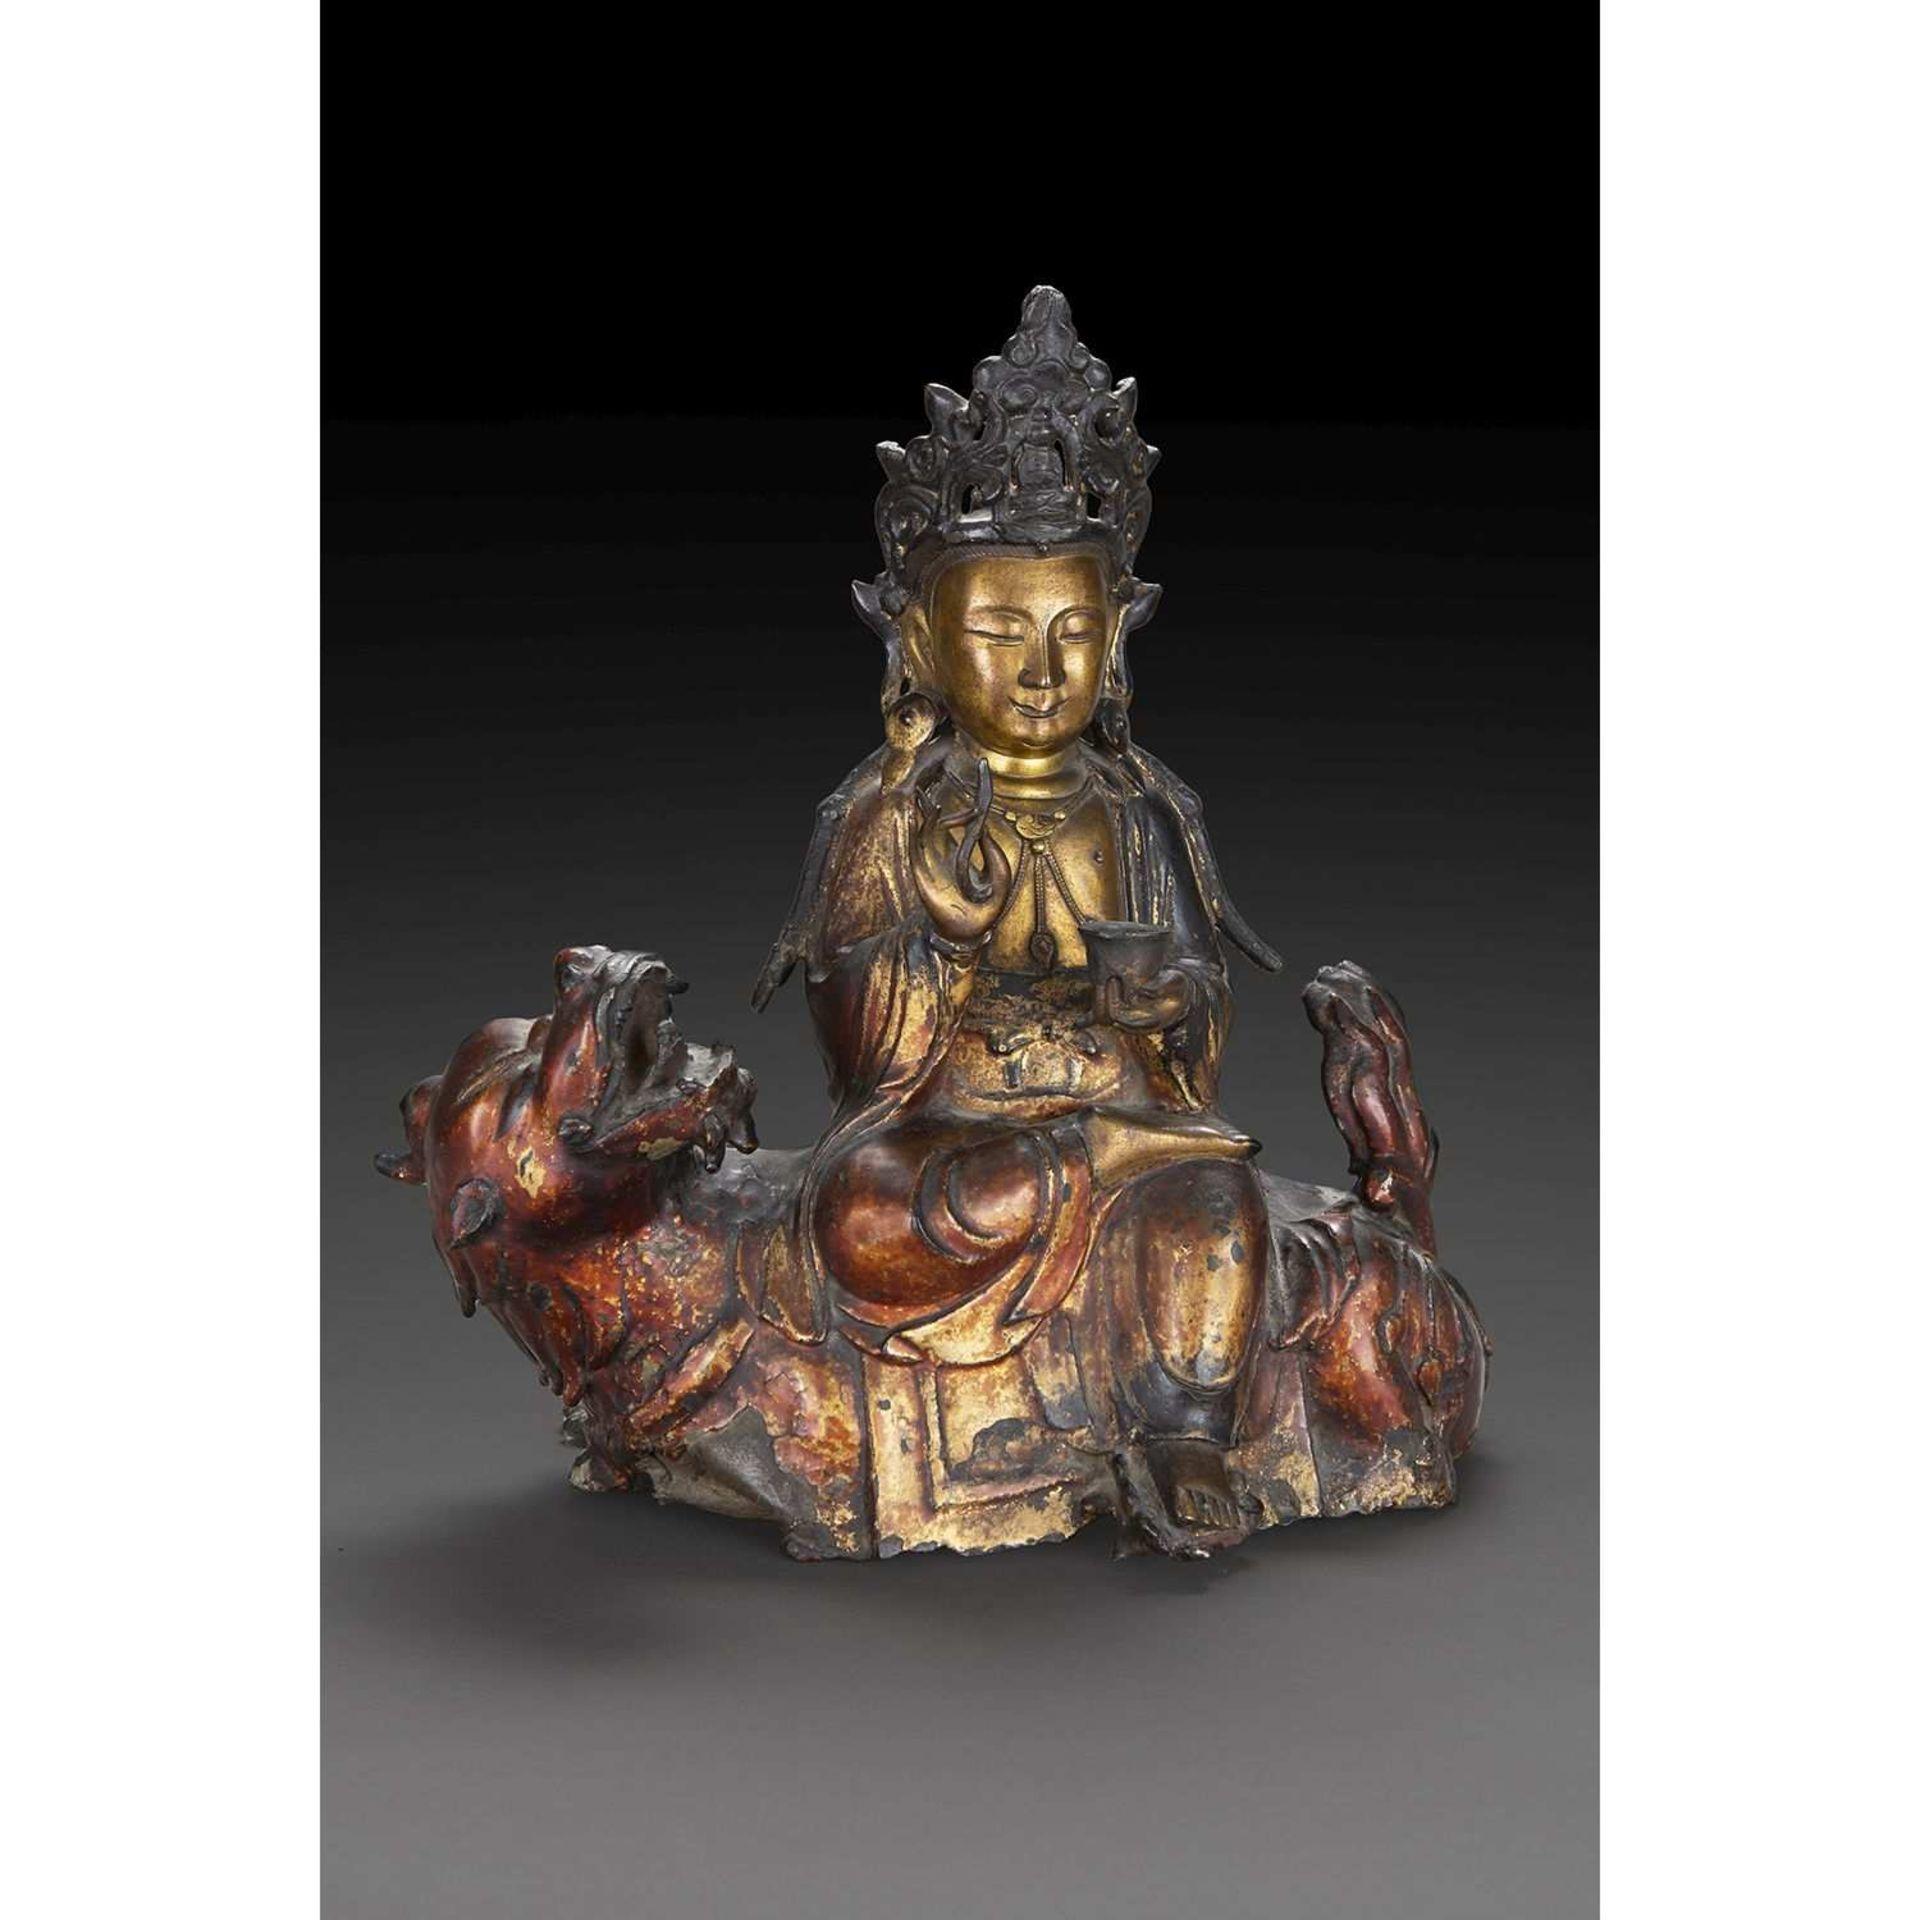 BELLE STATUE DE GUANYIN-AVALOKITESHVARA CHEVAUCHANT LE QILIN en bronze laqué et doré, le bodhisattva